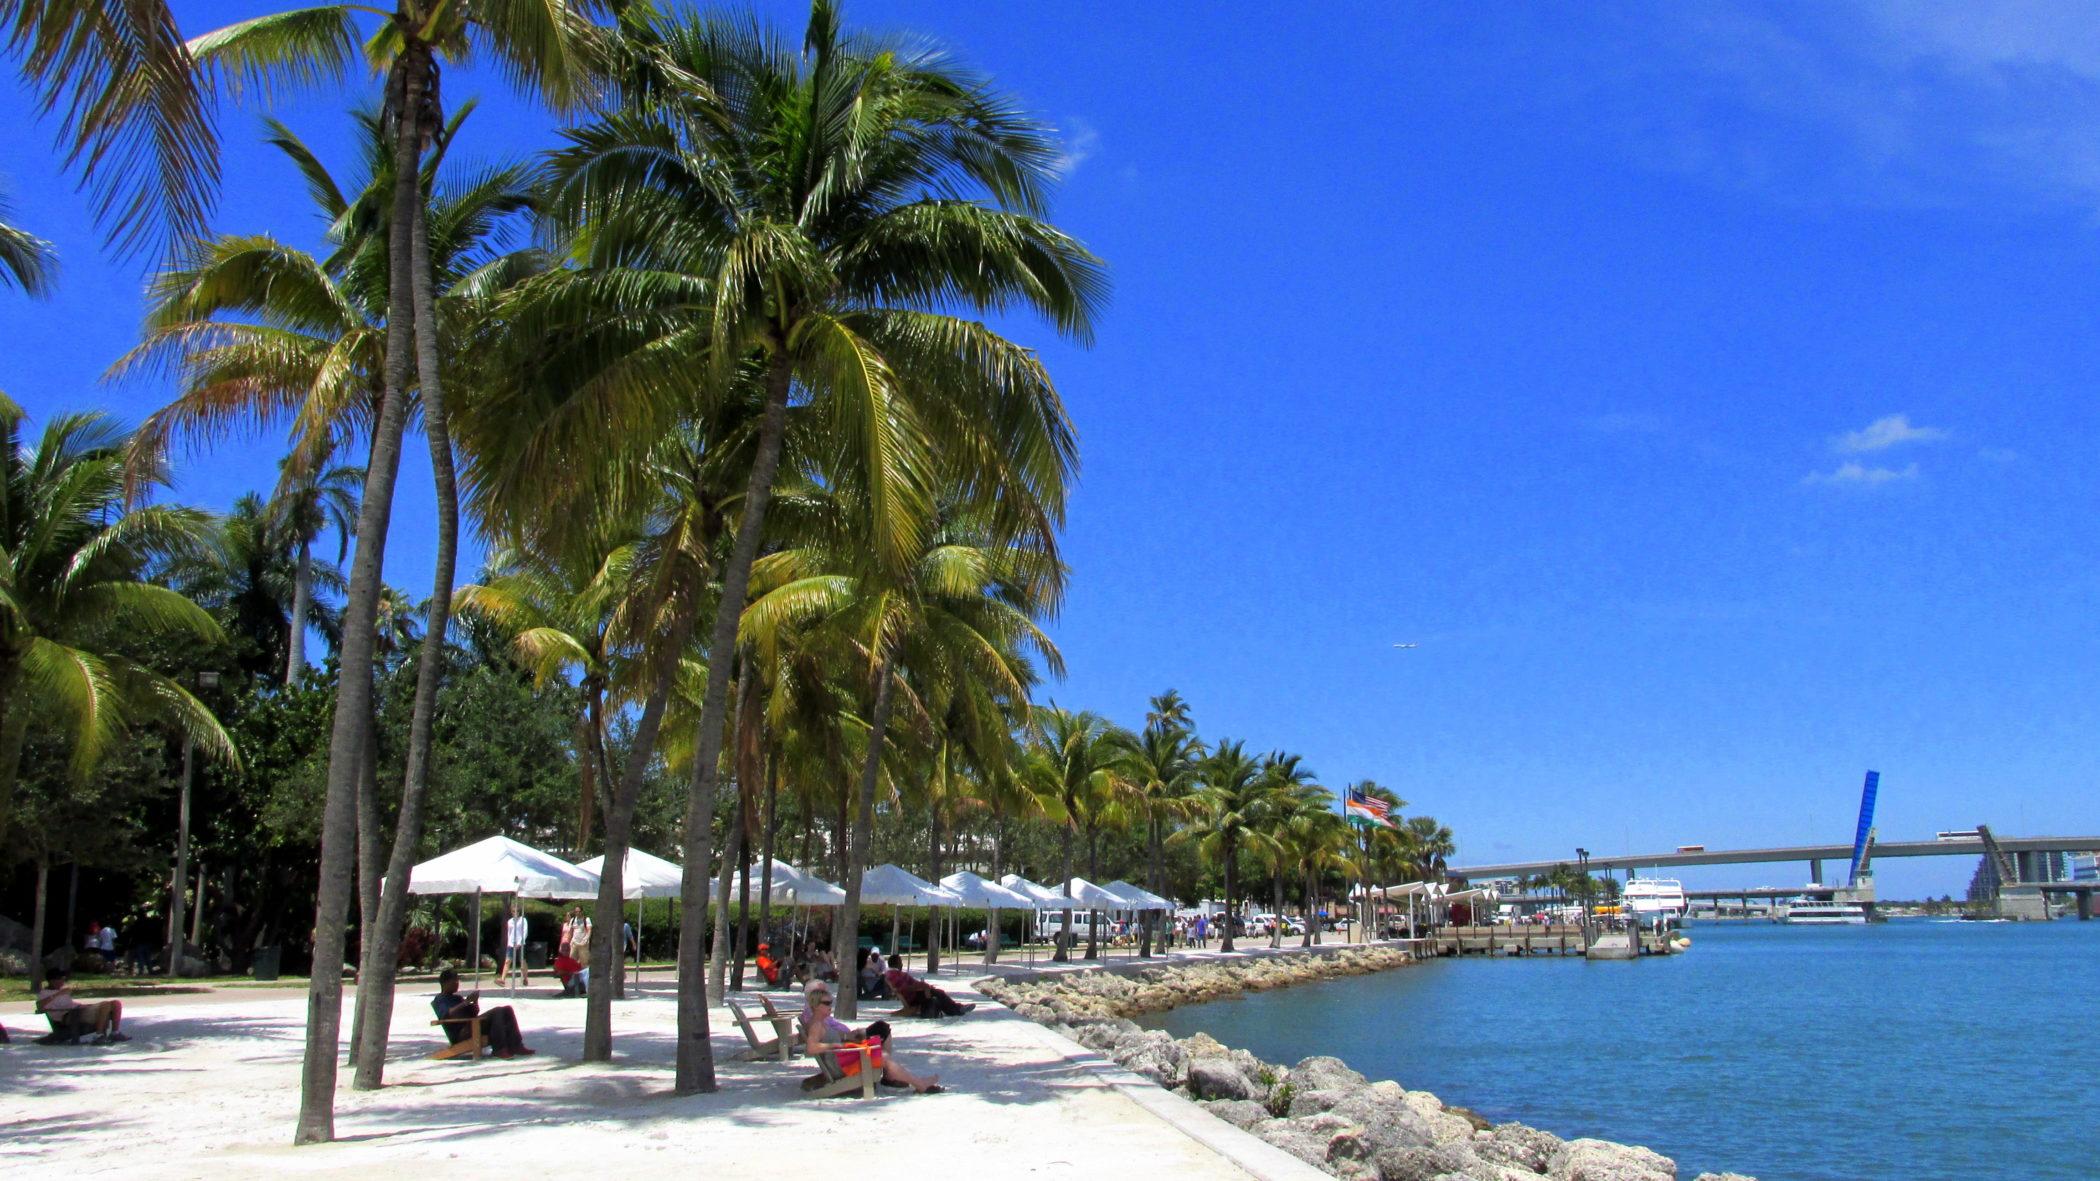 USA-Florida-Miami